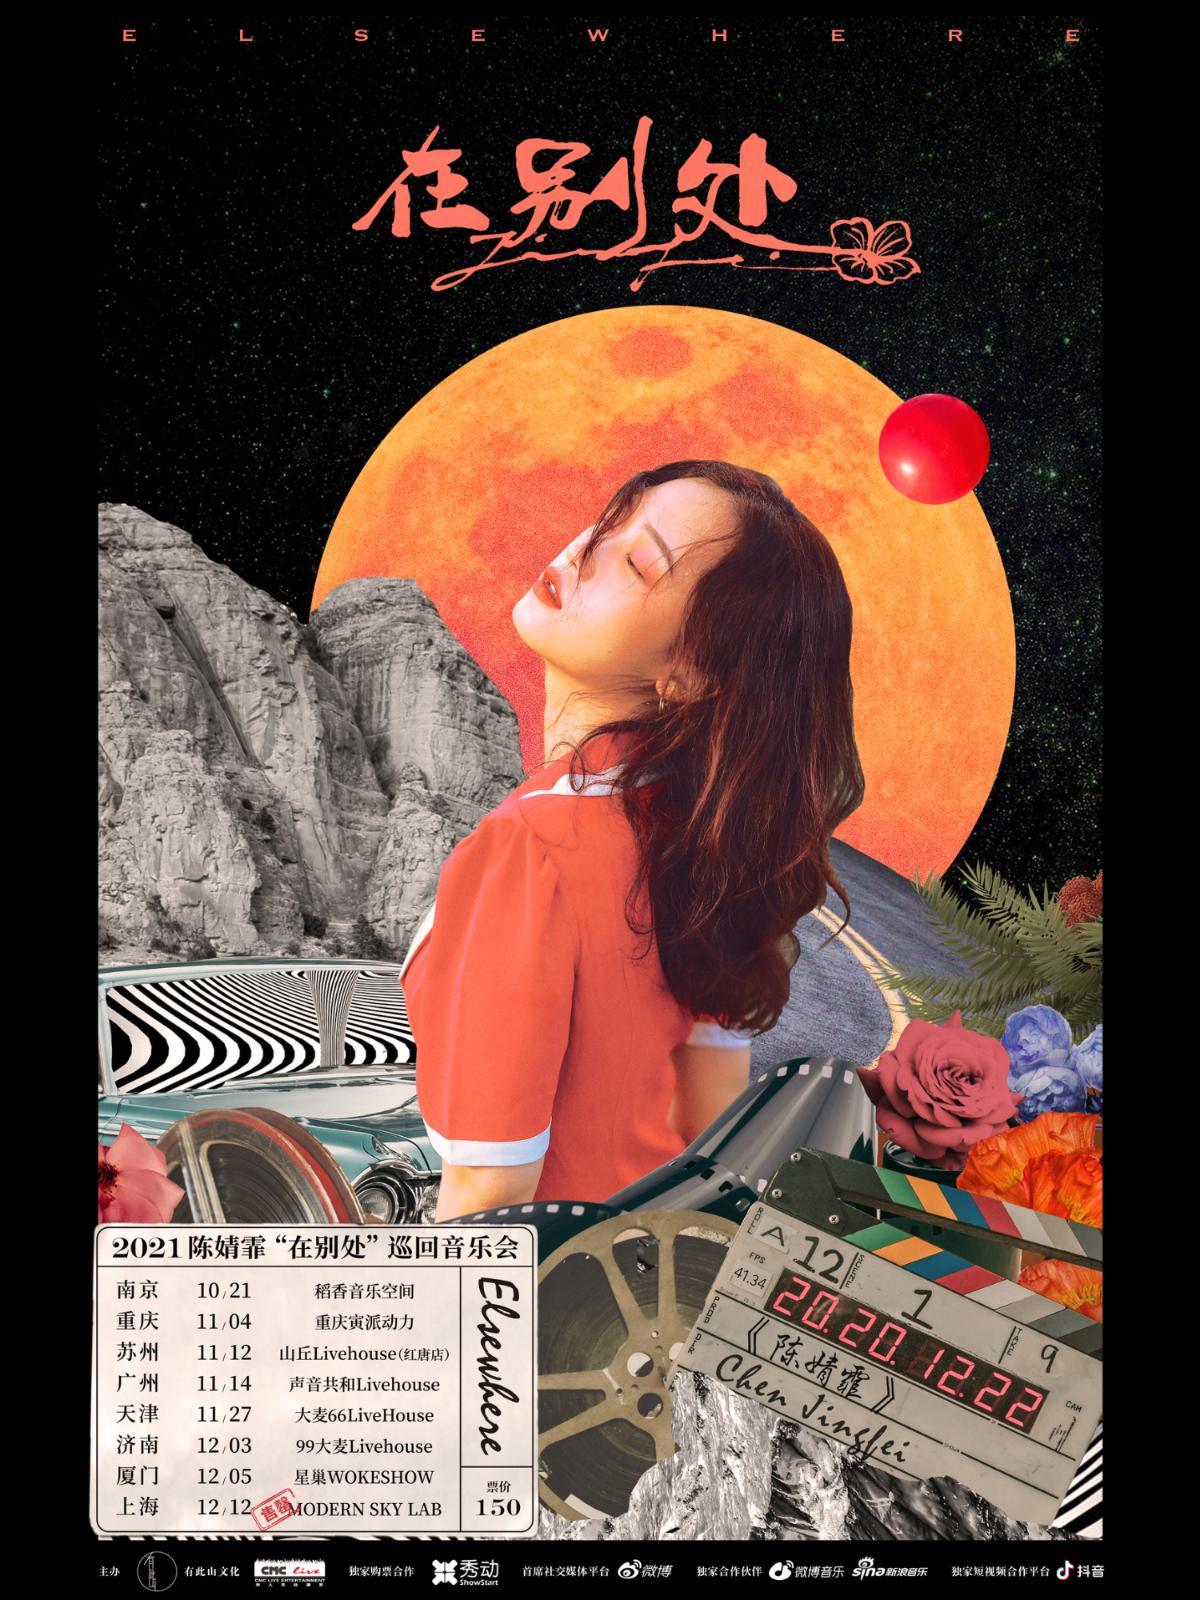 「陈婧霏」2021巡回音乐会天津站